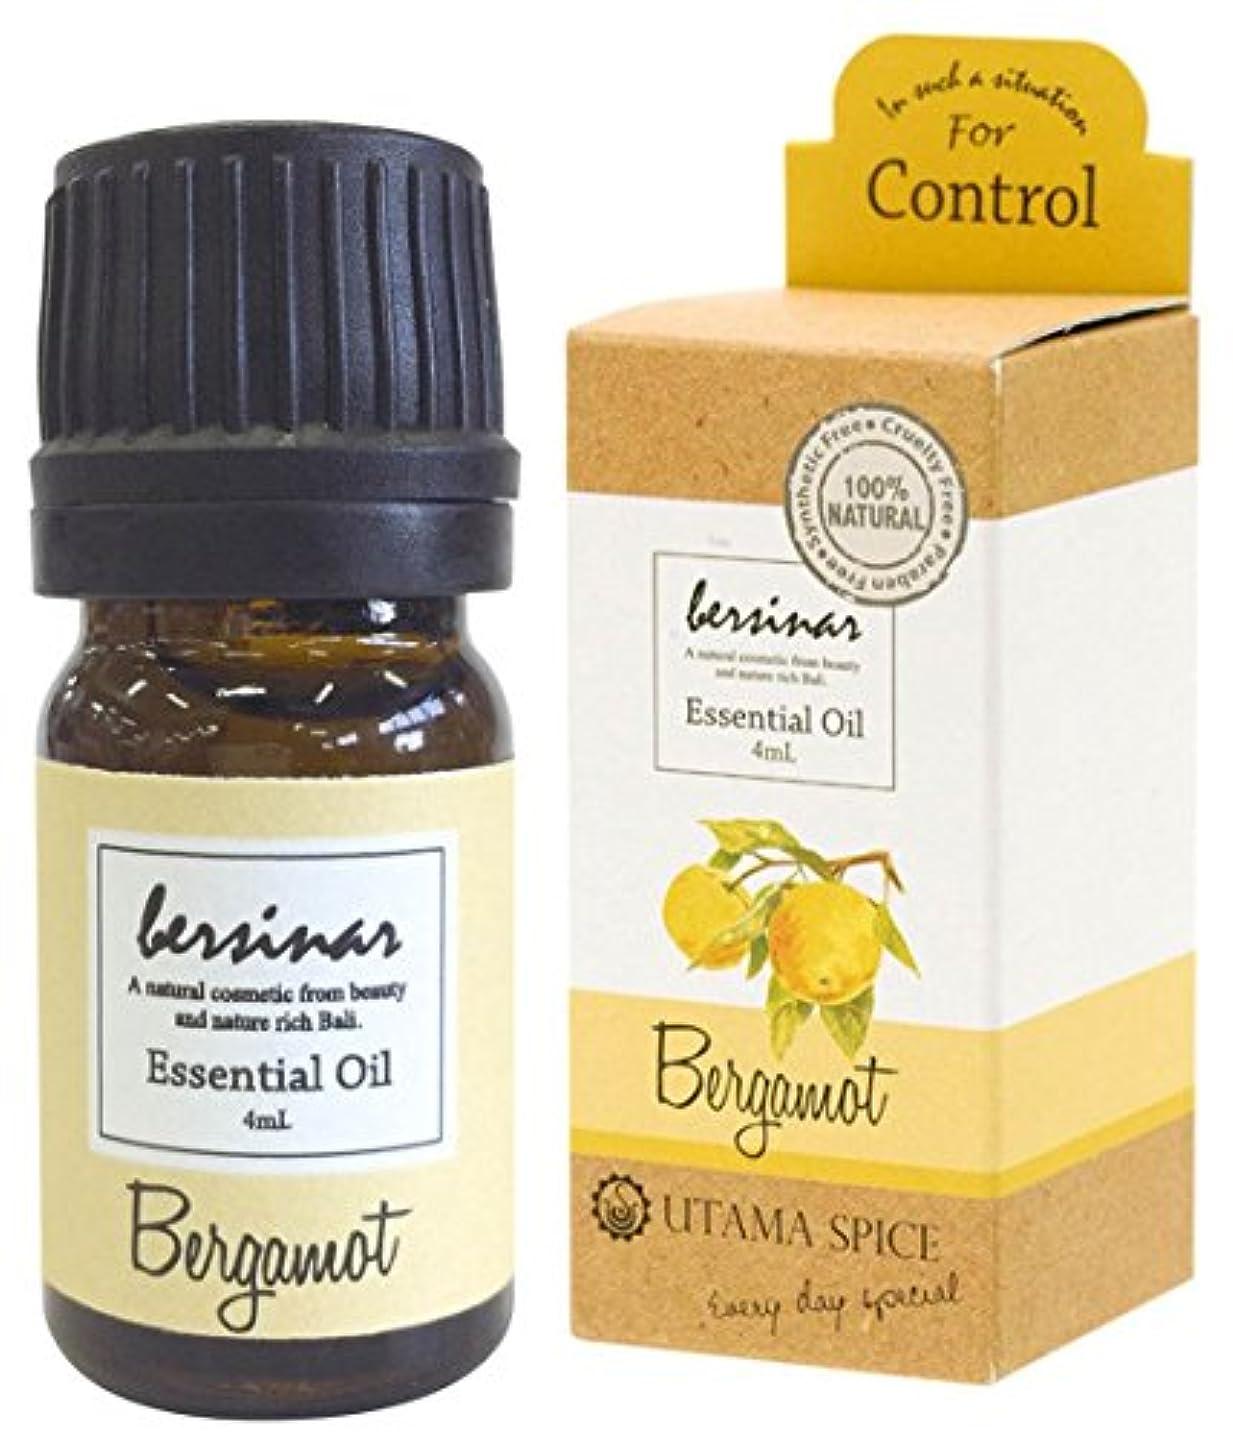 乳白メダリスト別れるウタマスパイス アロマオイル ベルシナル ベルガモットの香り 4ml OE-UTO-1-6